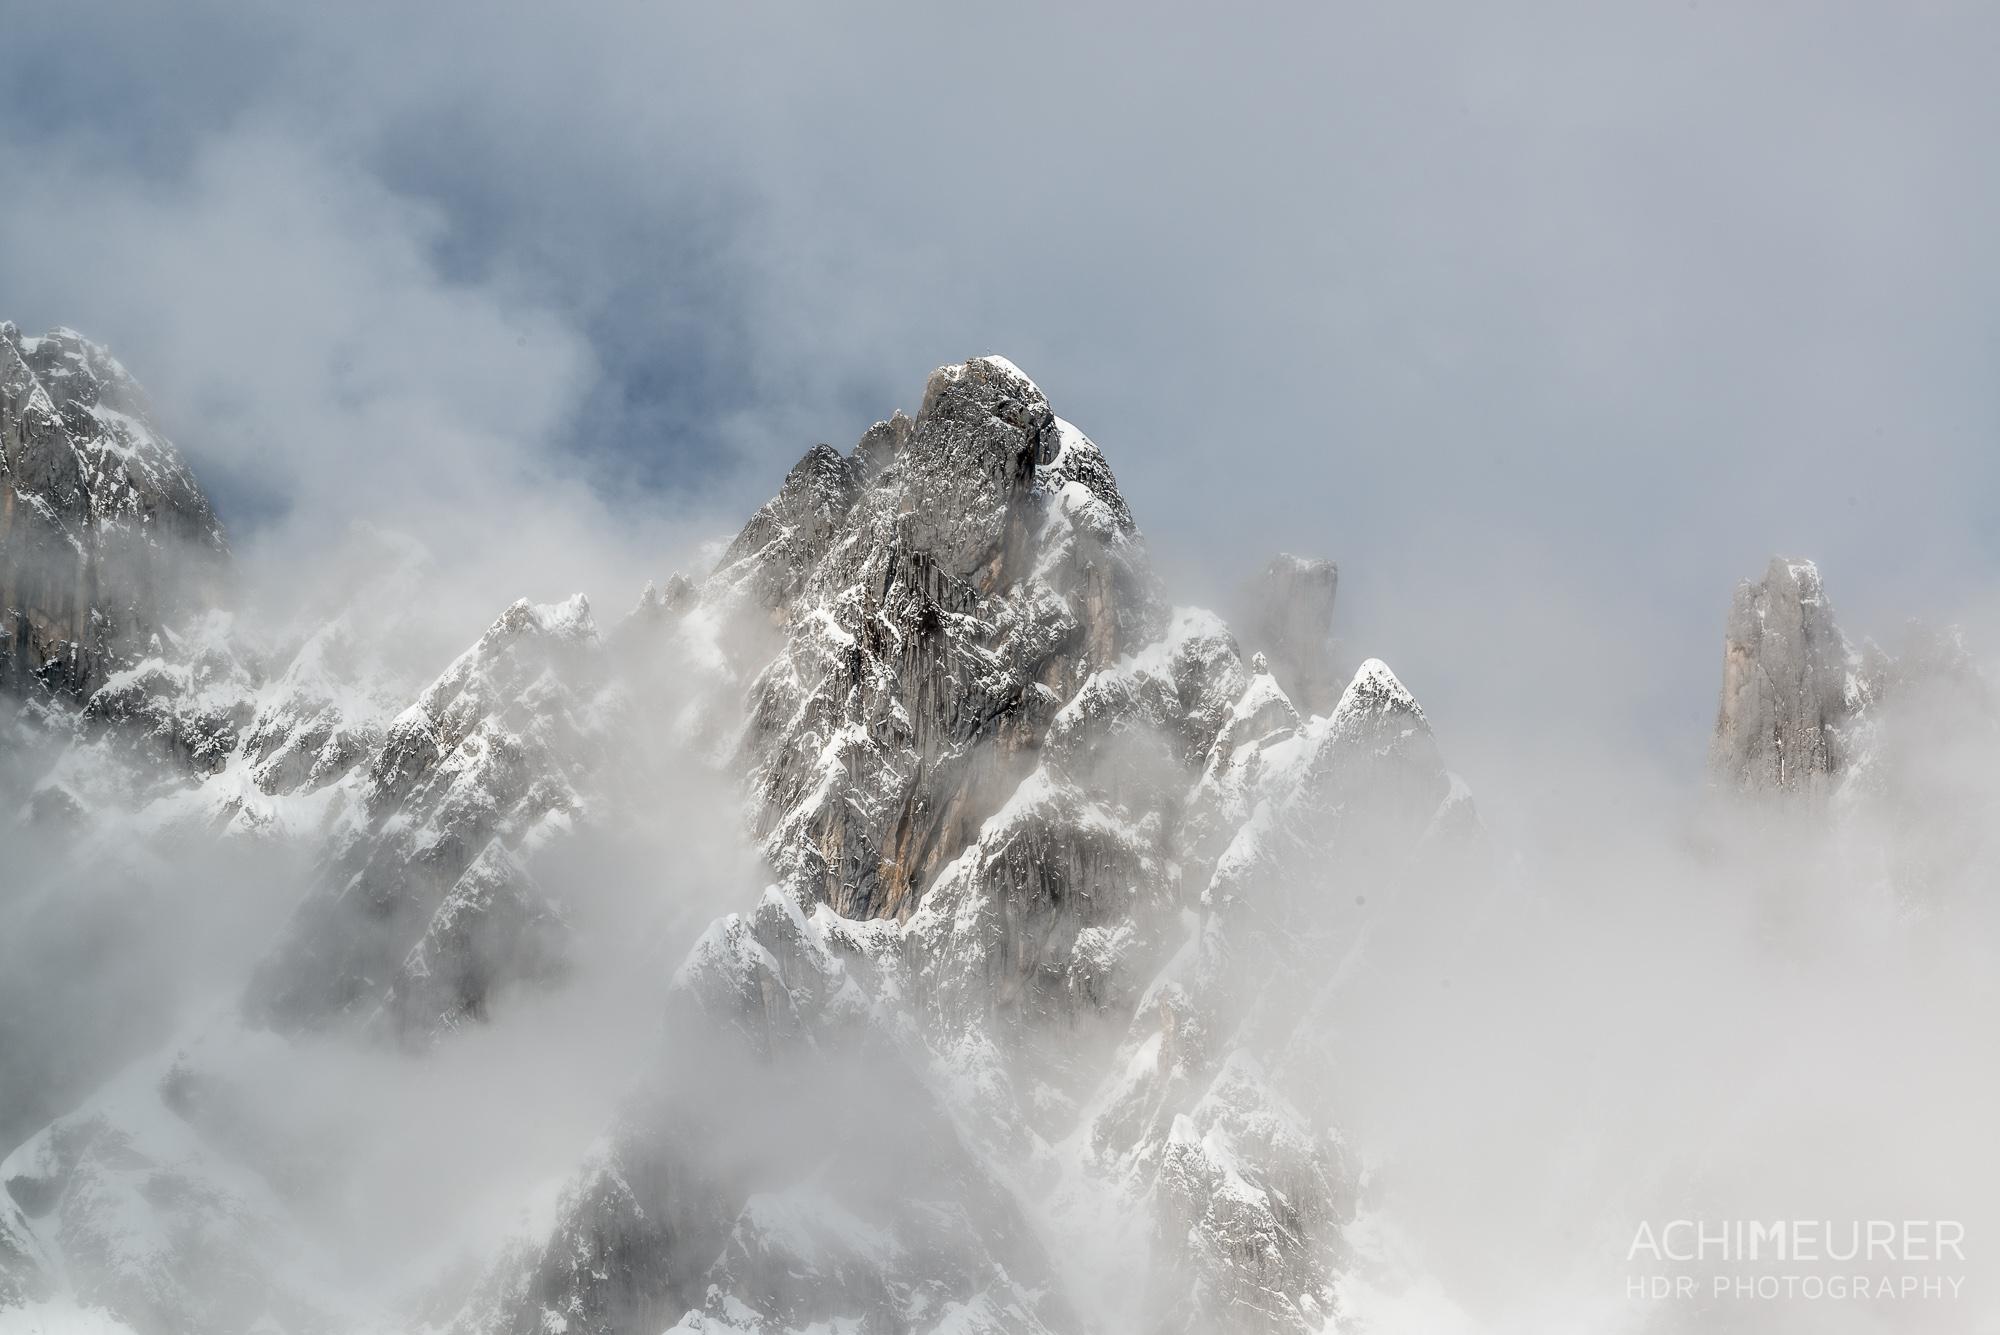 Die-schoensten-Winterfotos-Winterlandschaft-29 by Achim Meurer.